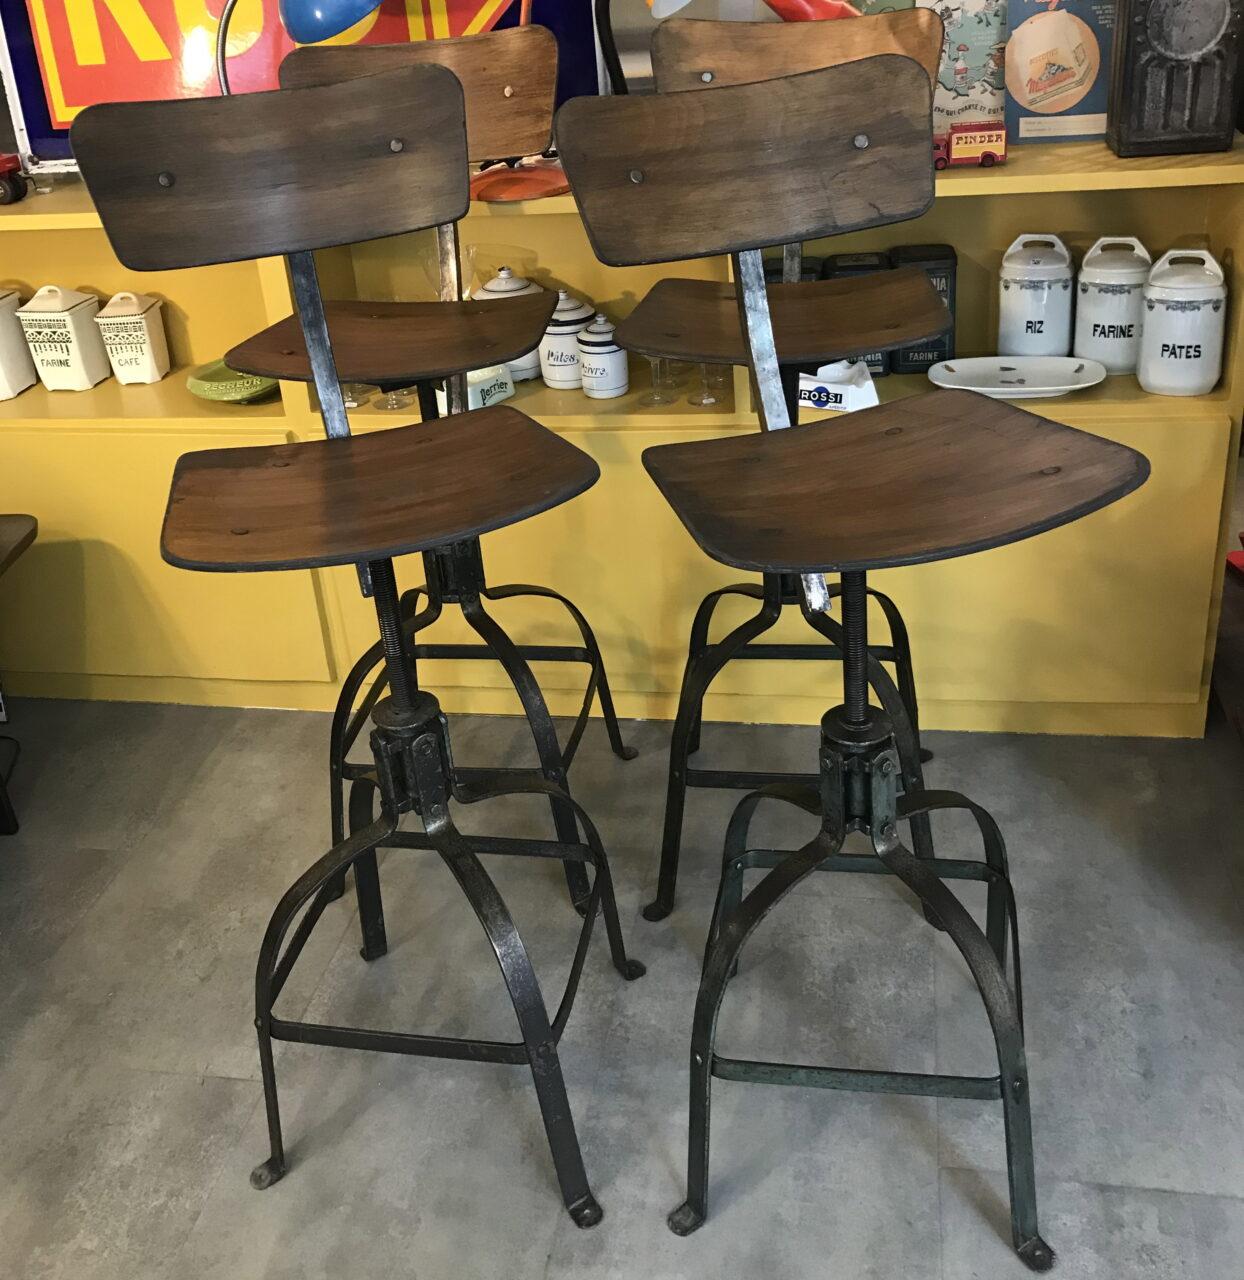 chaises haute de metier meubles industriel anna colore industriale. Black Bedroom Furniture Sets. Home Design Ideas